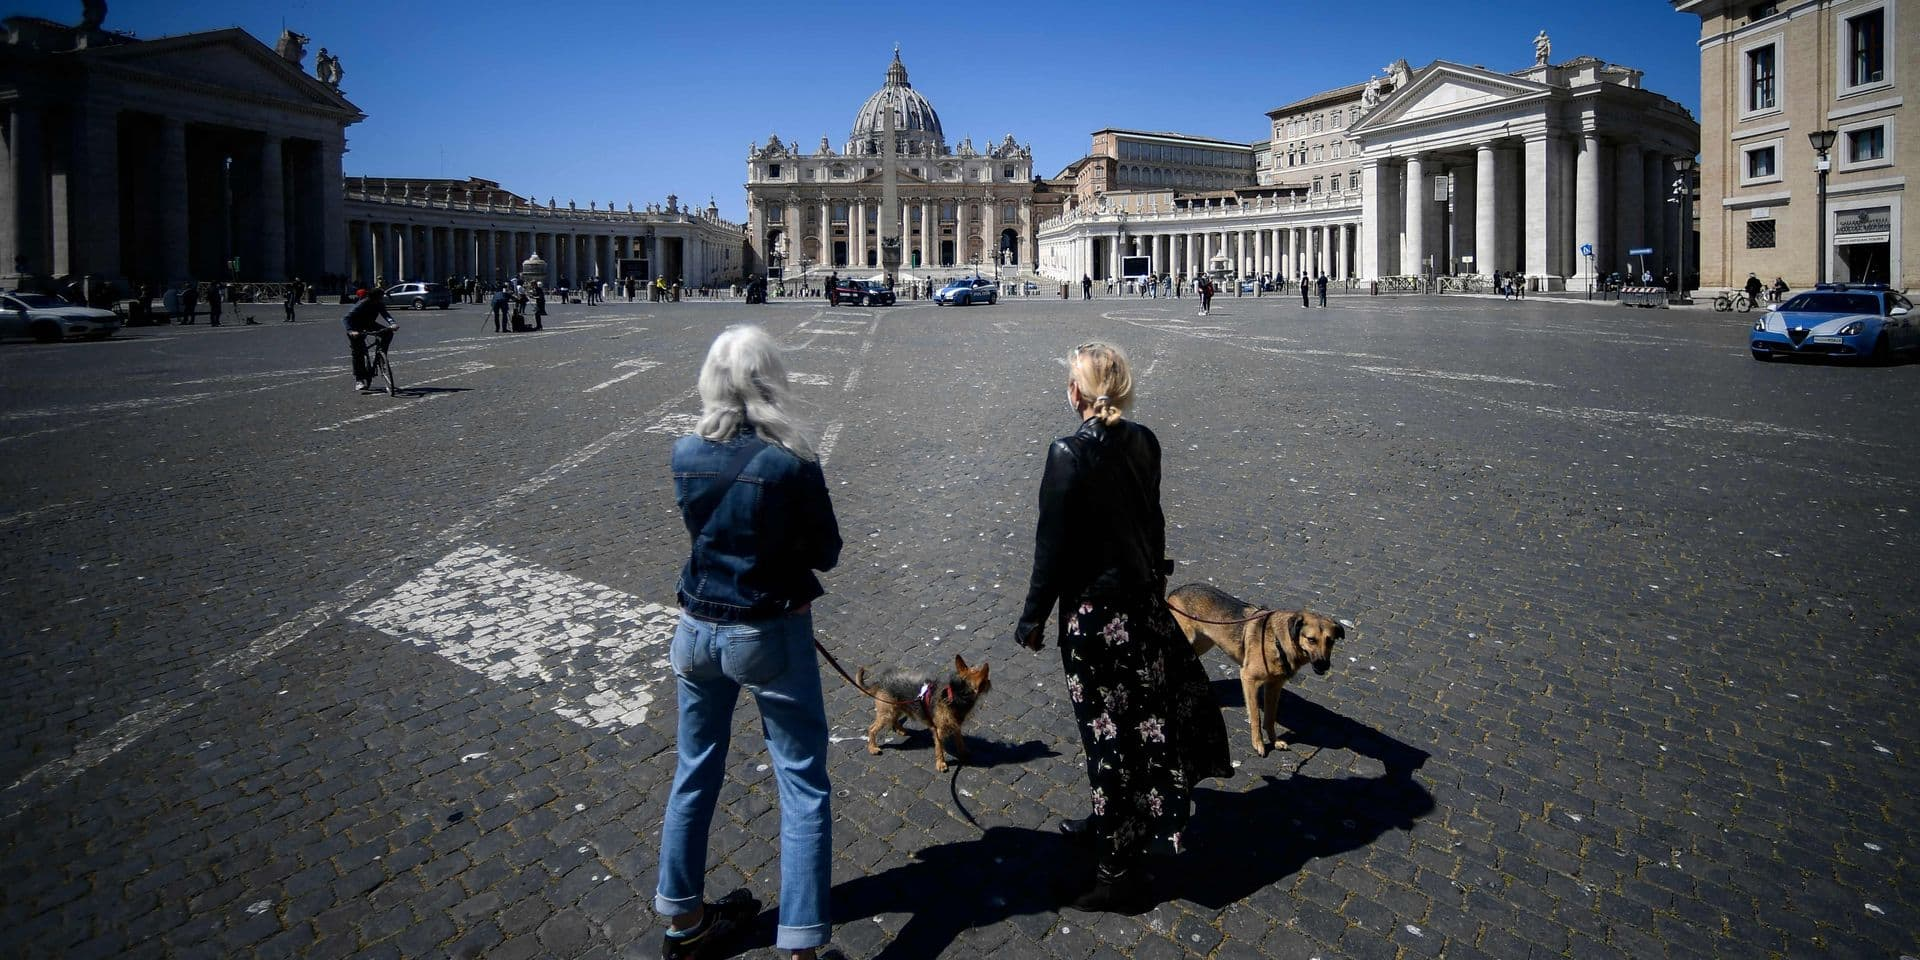 """Privée de touristes, la """"capitale du monde"""" se meurt : """"C'est un drame pour tout le monde"""""""